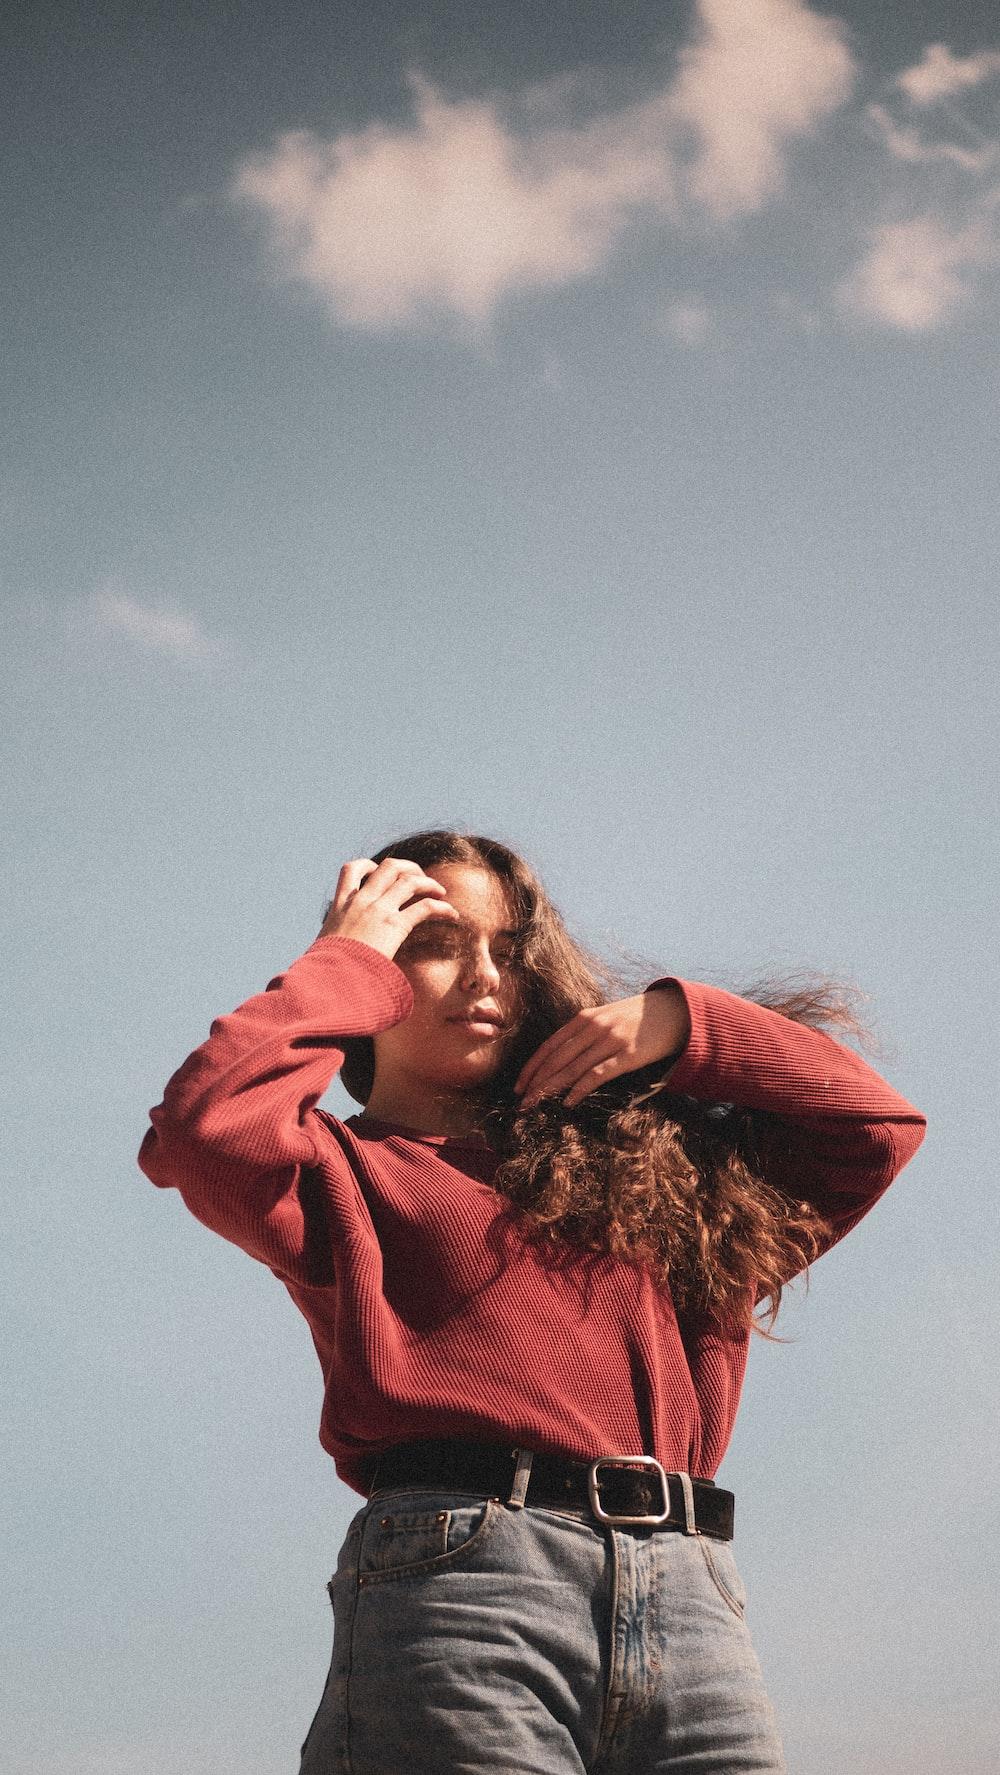 woman wearing maroon sweater